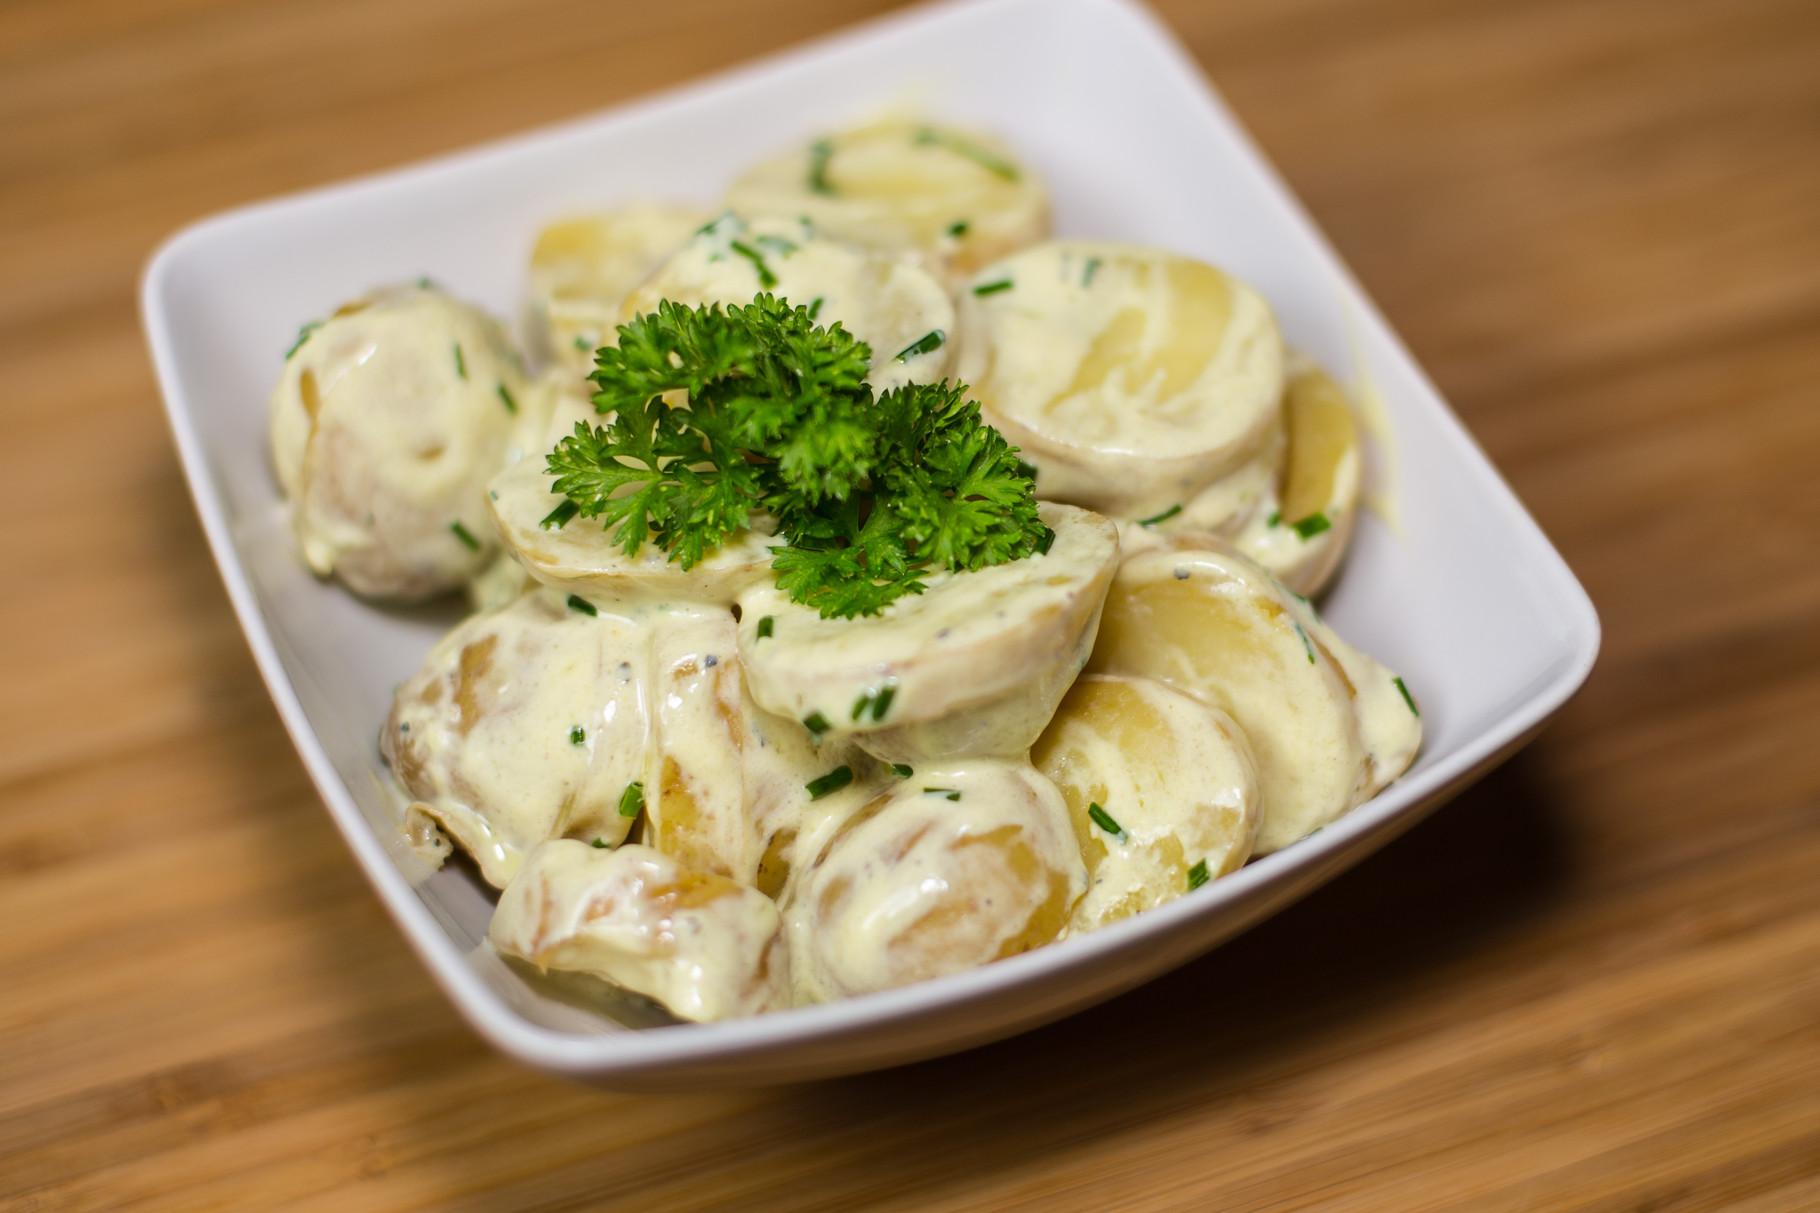 kartoffel salat rezepte f r steamer und dampfgarer foodblog. Black Bedroom Furniture Sets. Home Design Ideas